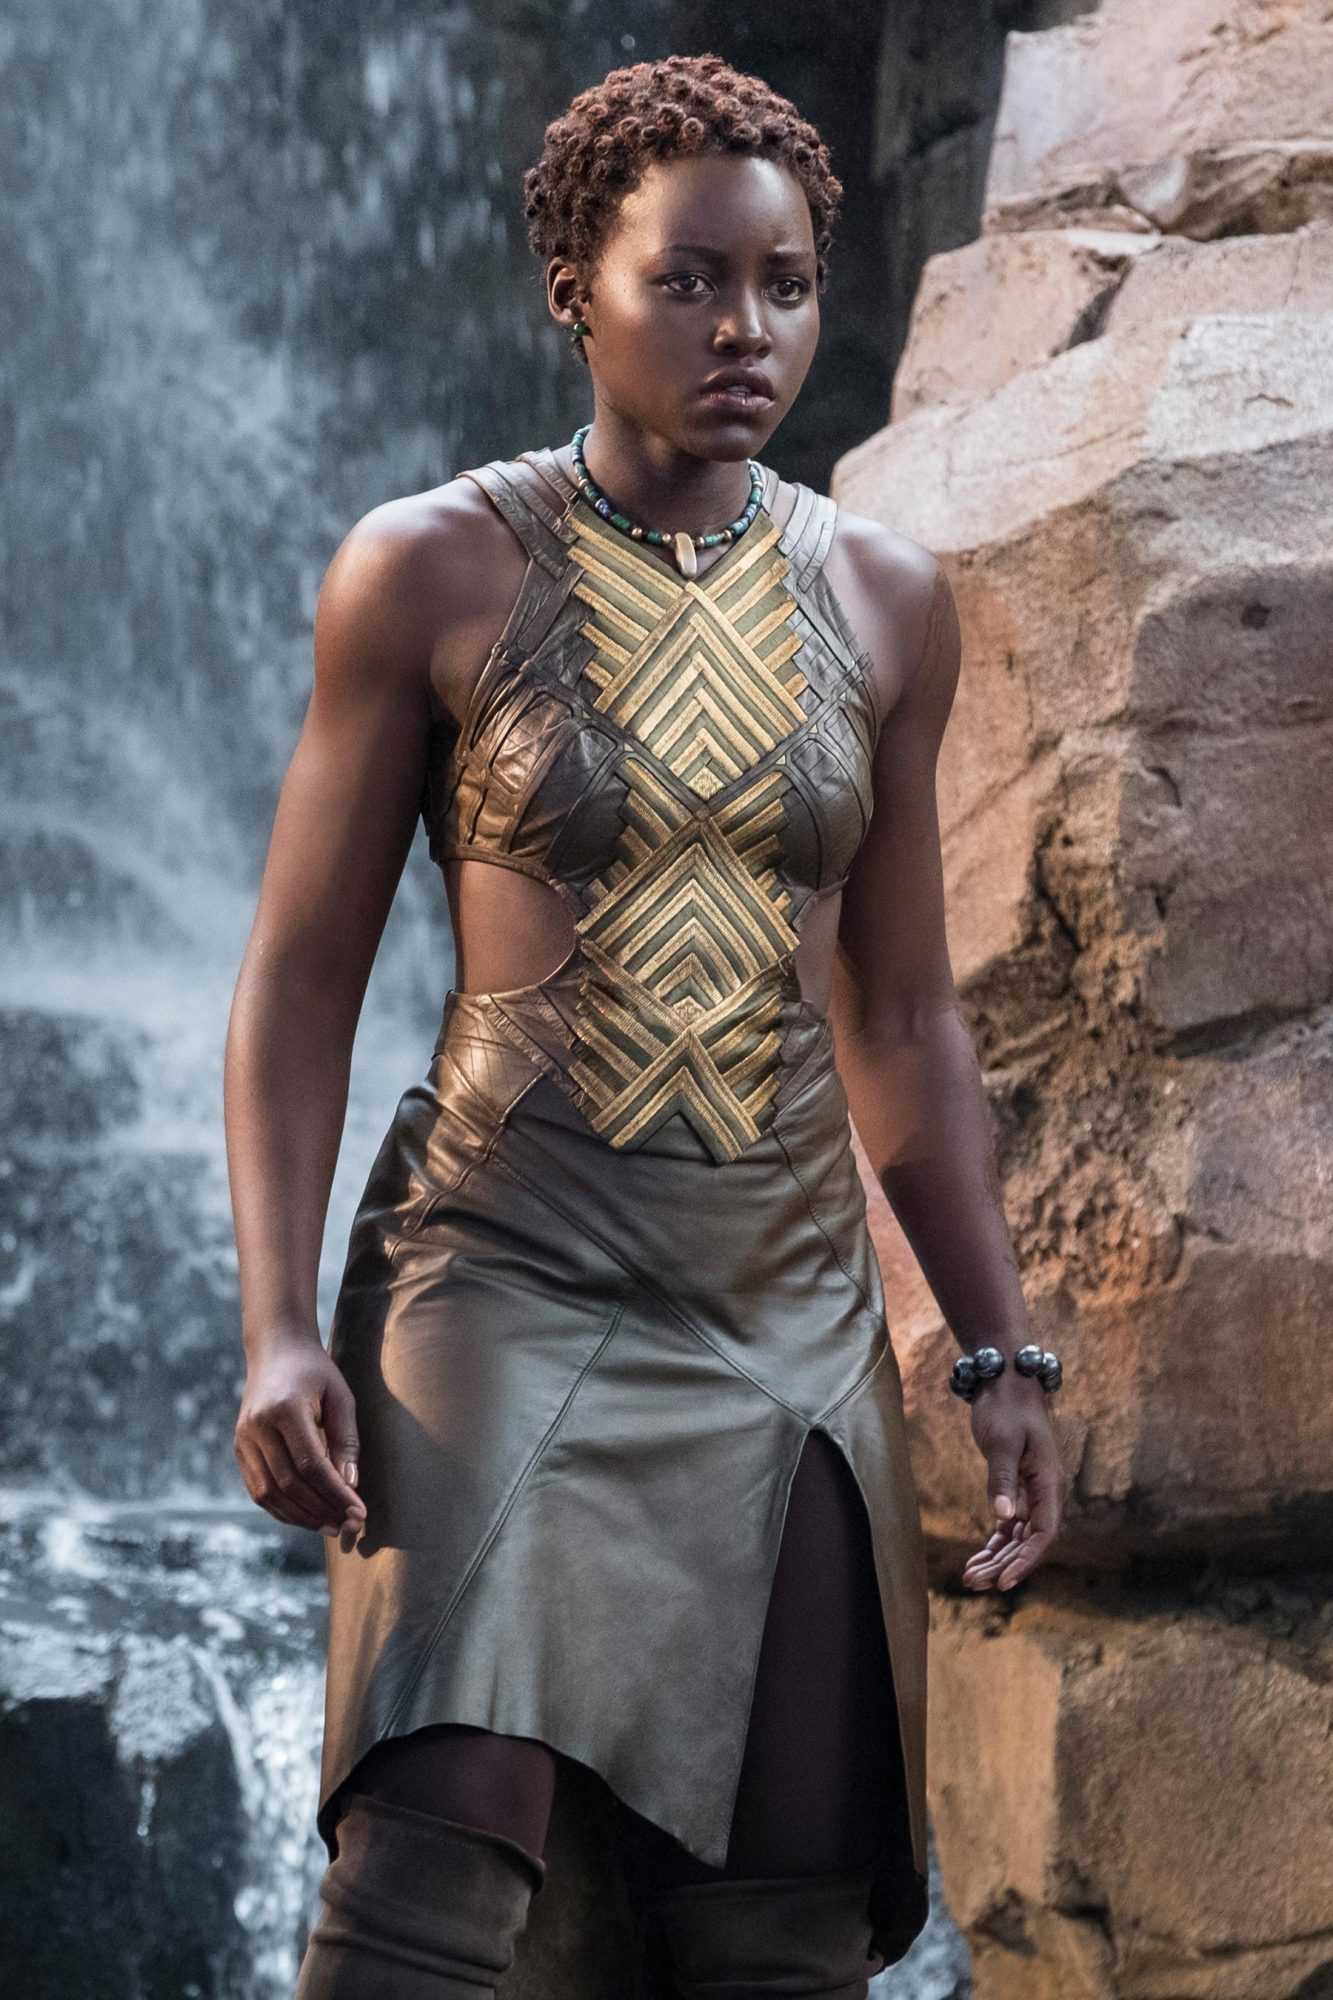 The Warrior Look